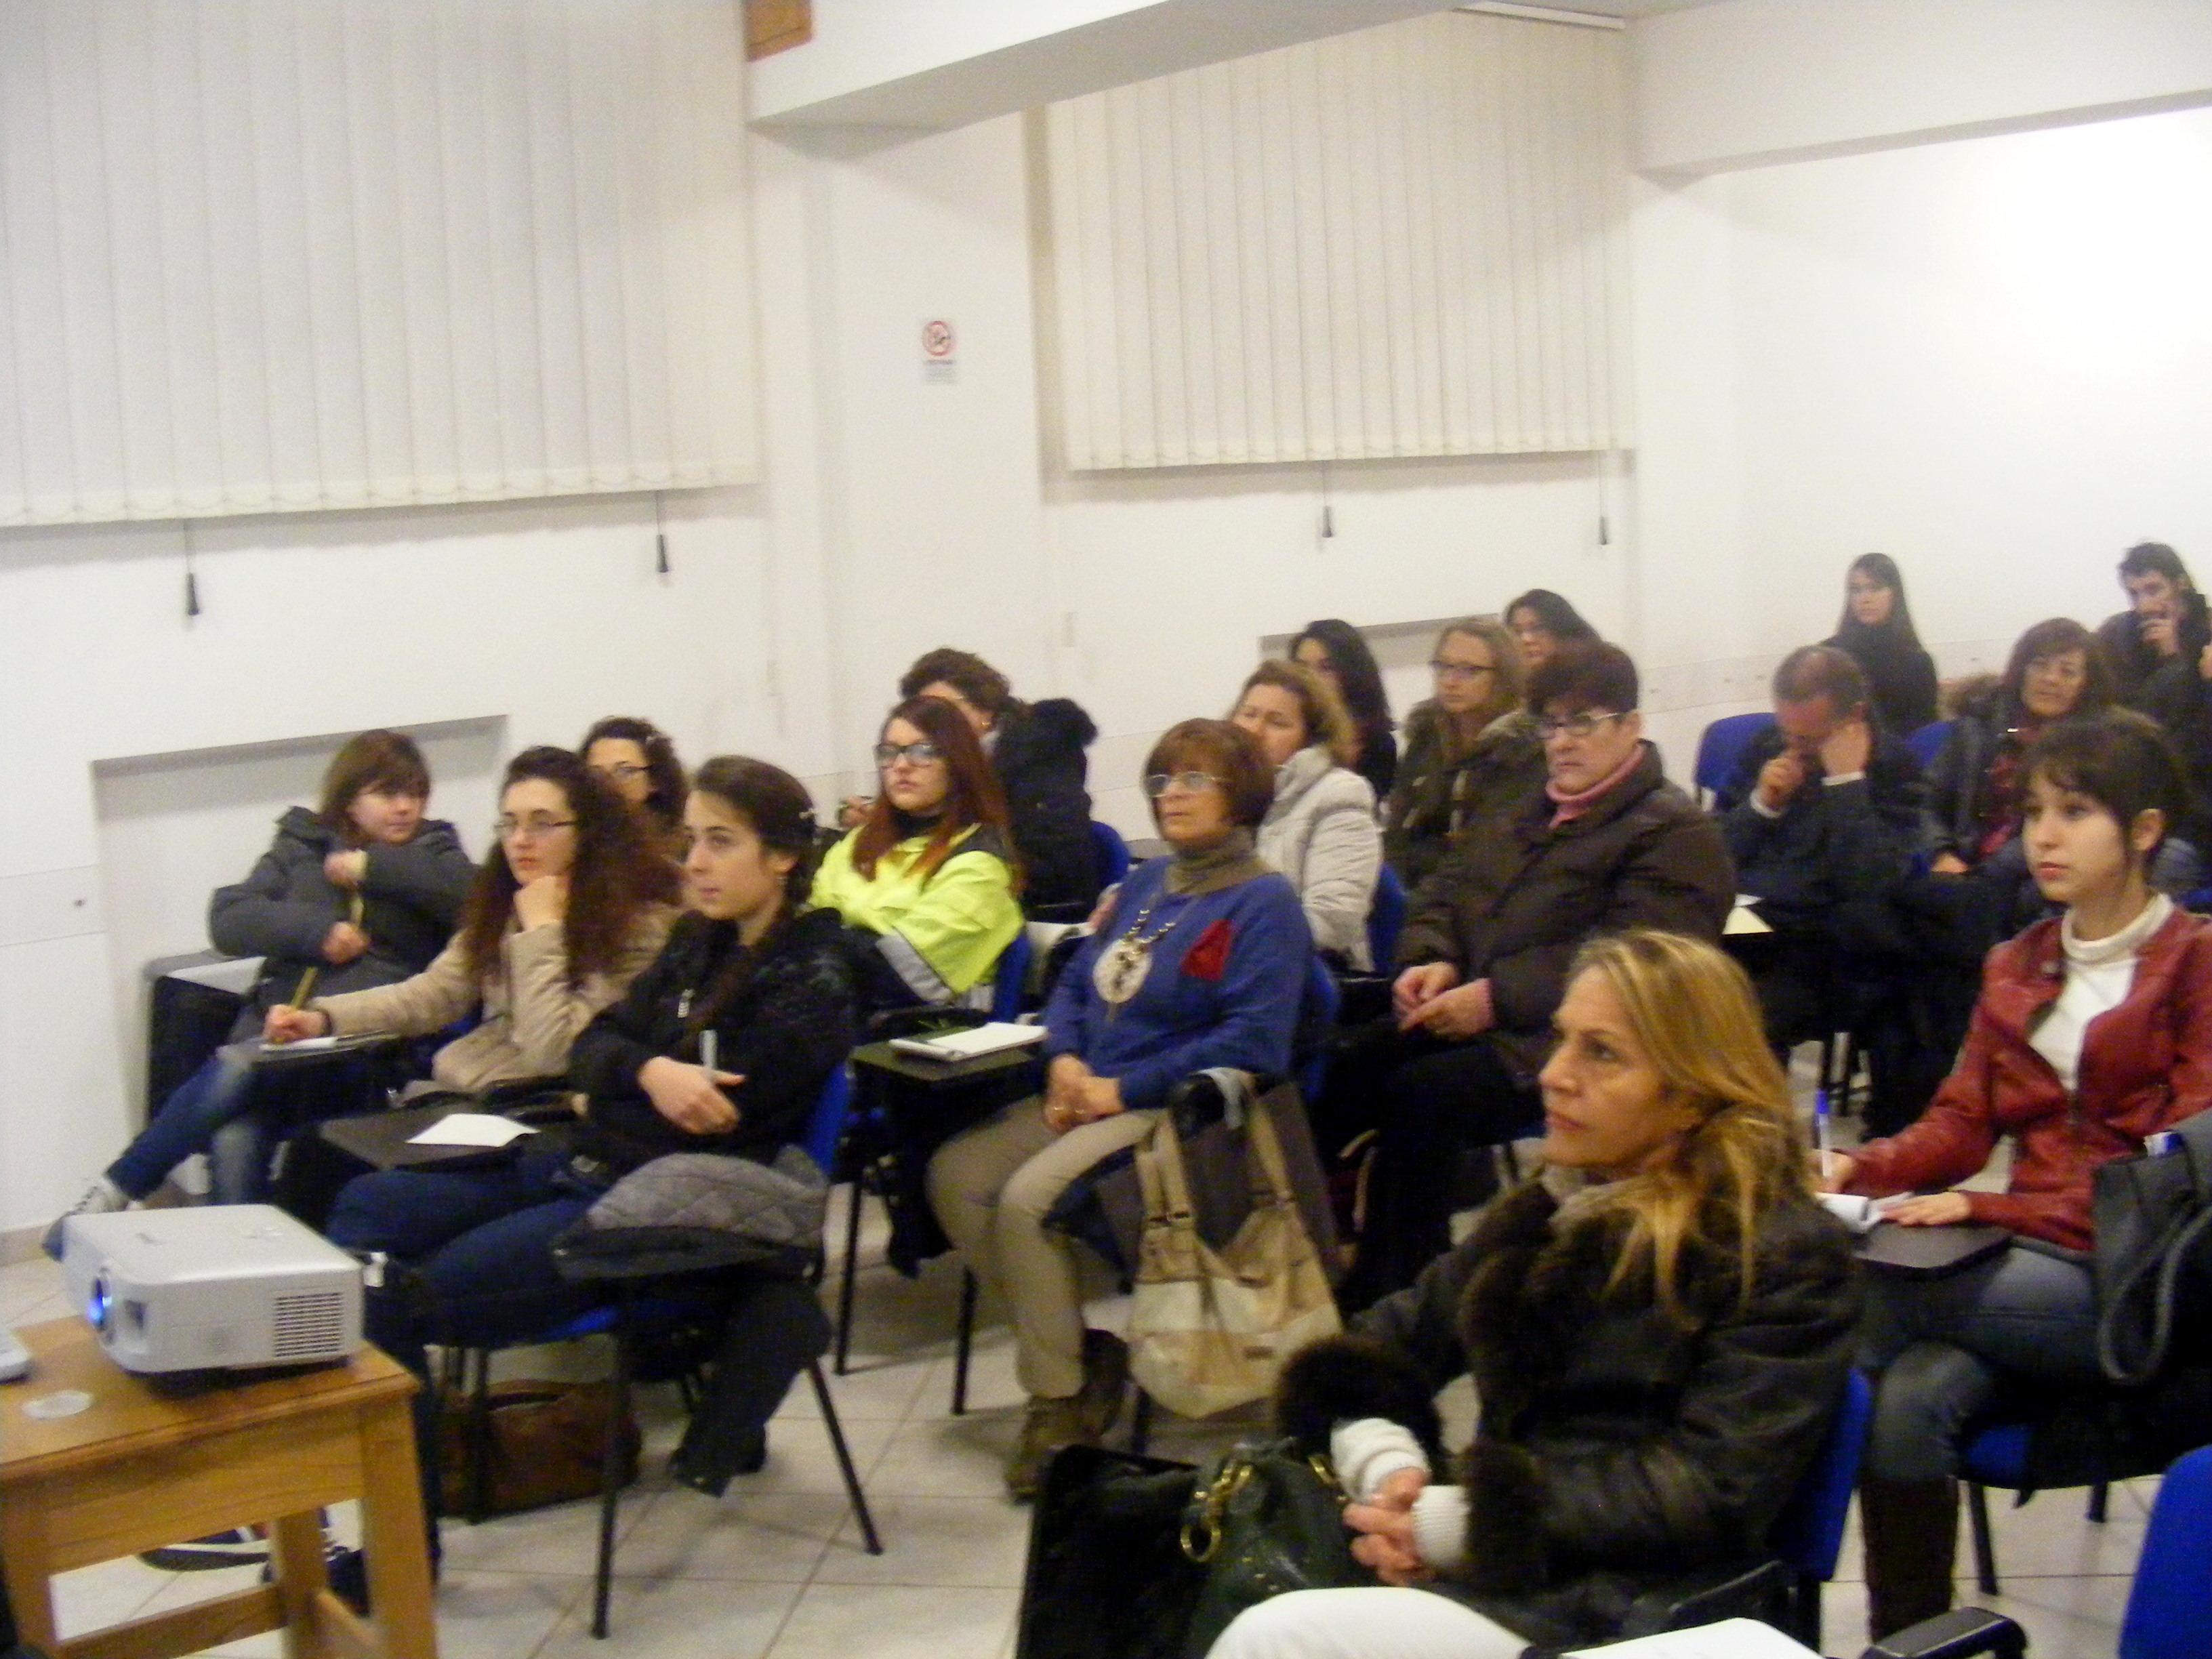 I partecipanti al corso di primo soccorso a lariano durante la lezione